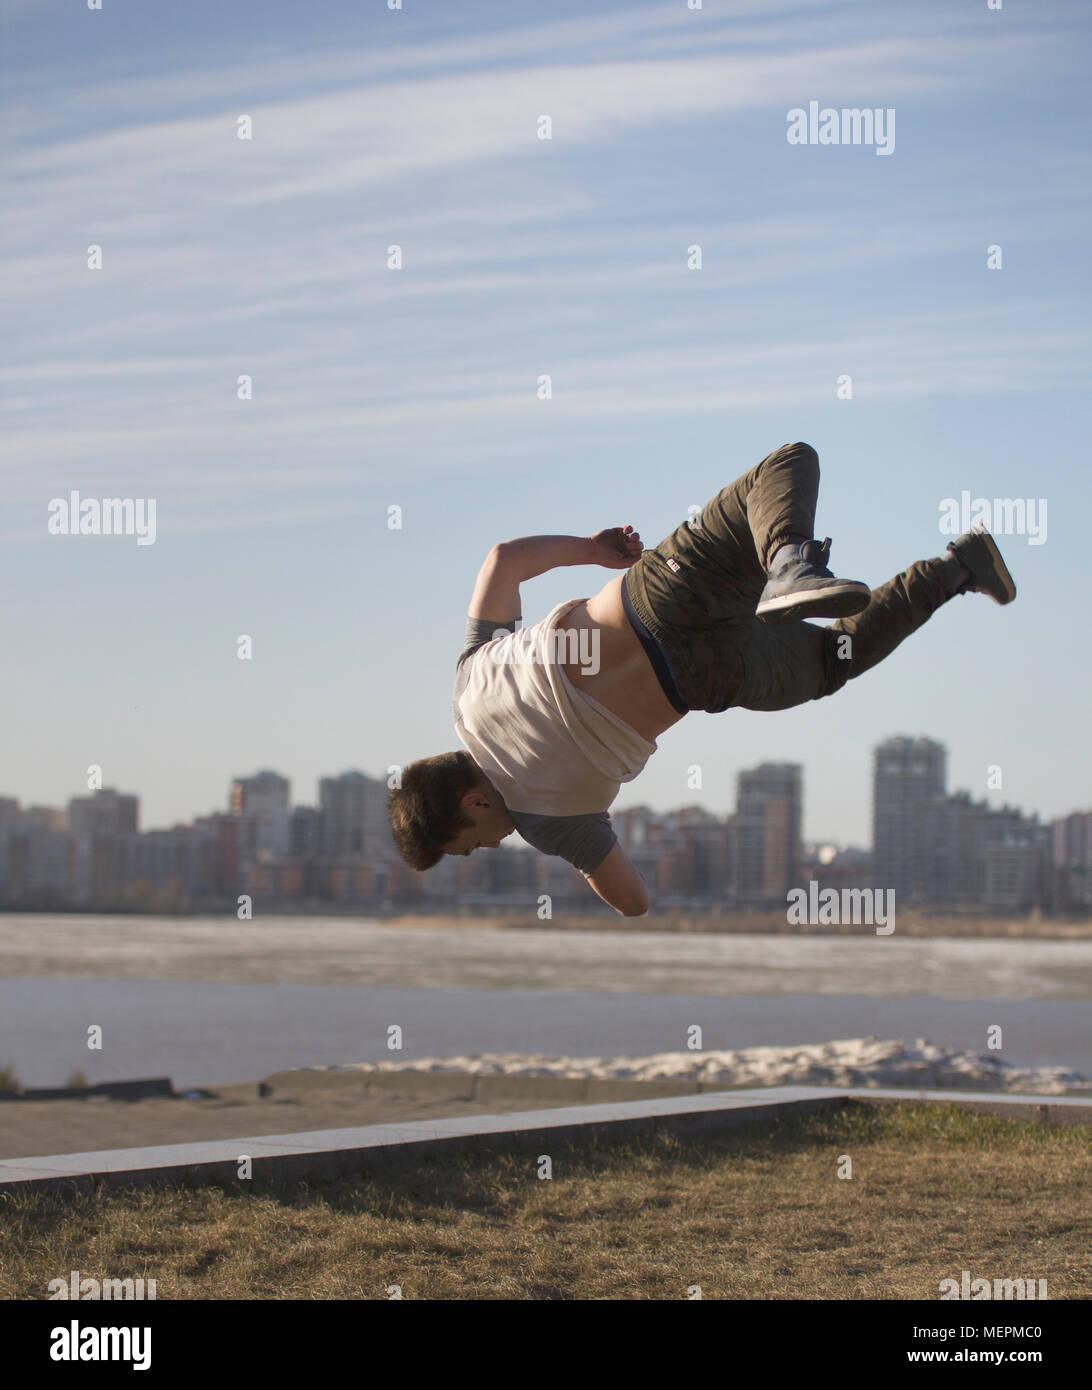 Jeune homme sportif parkour effectue des tricks en face de Skyline Photo Stock